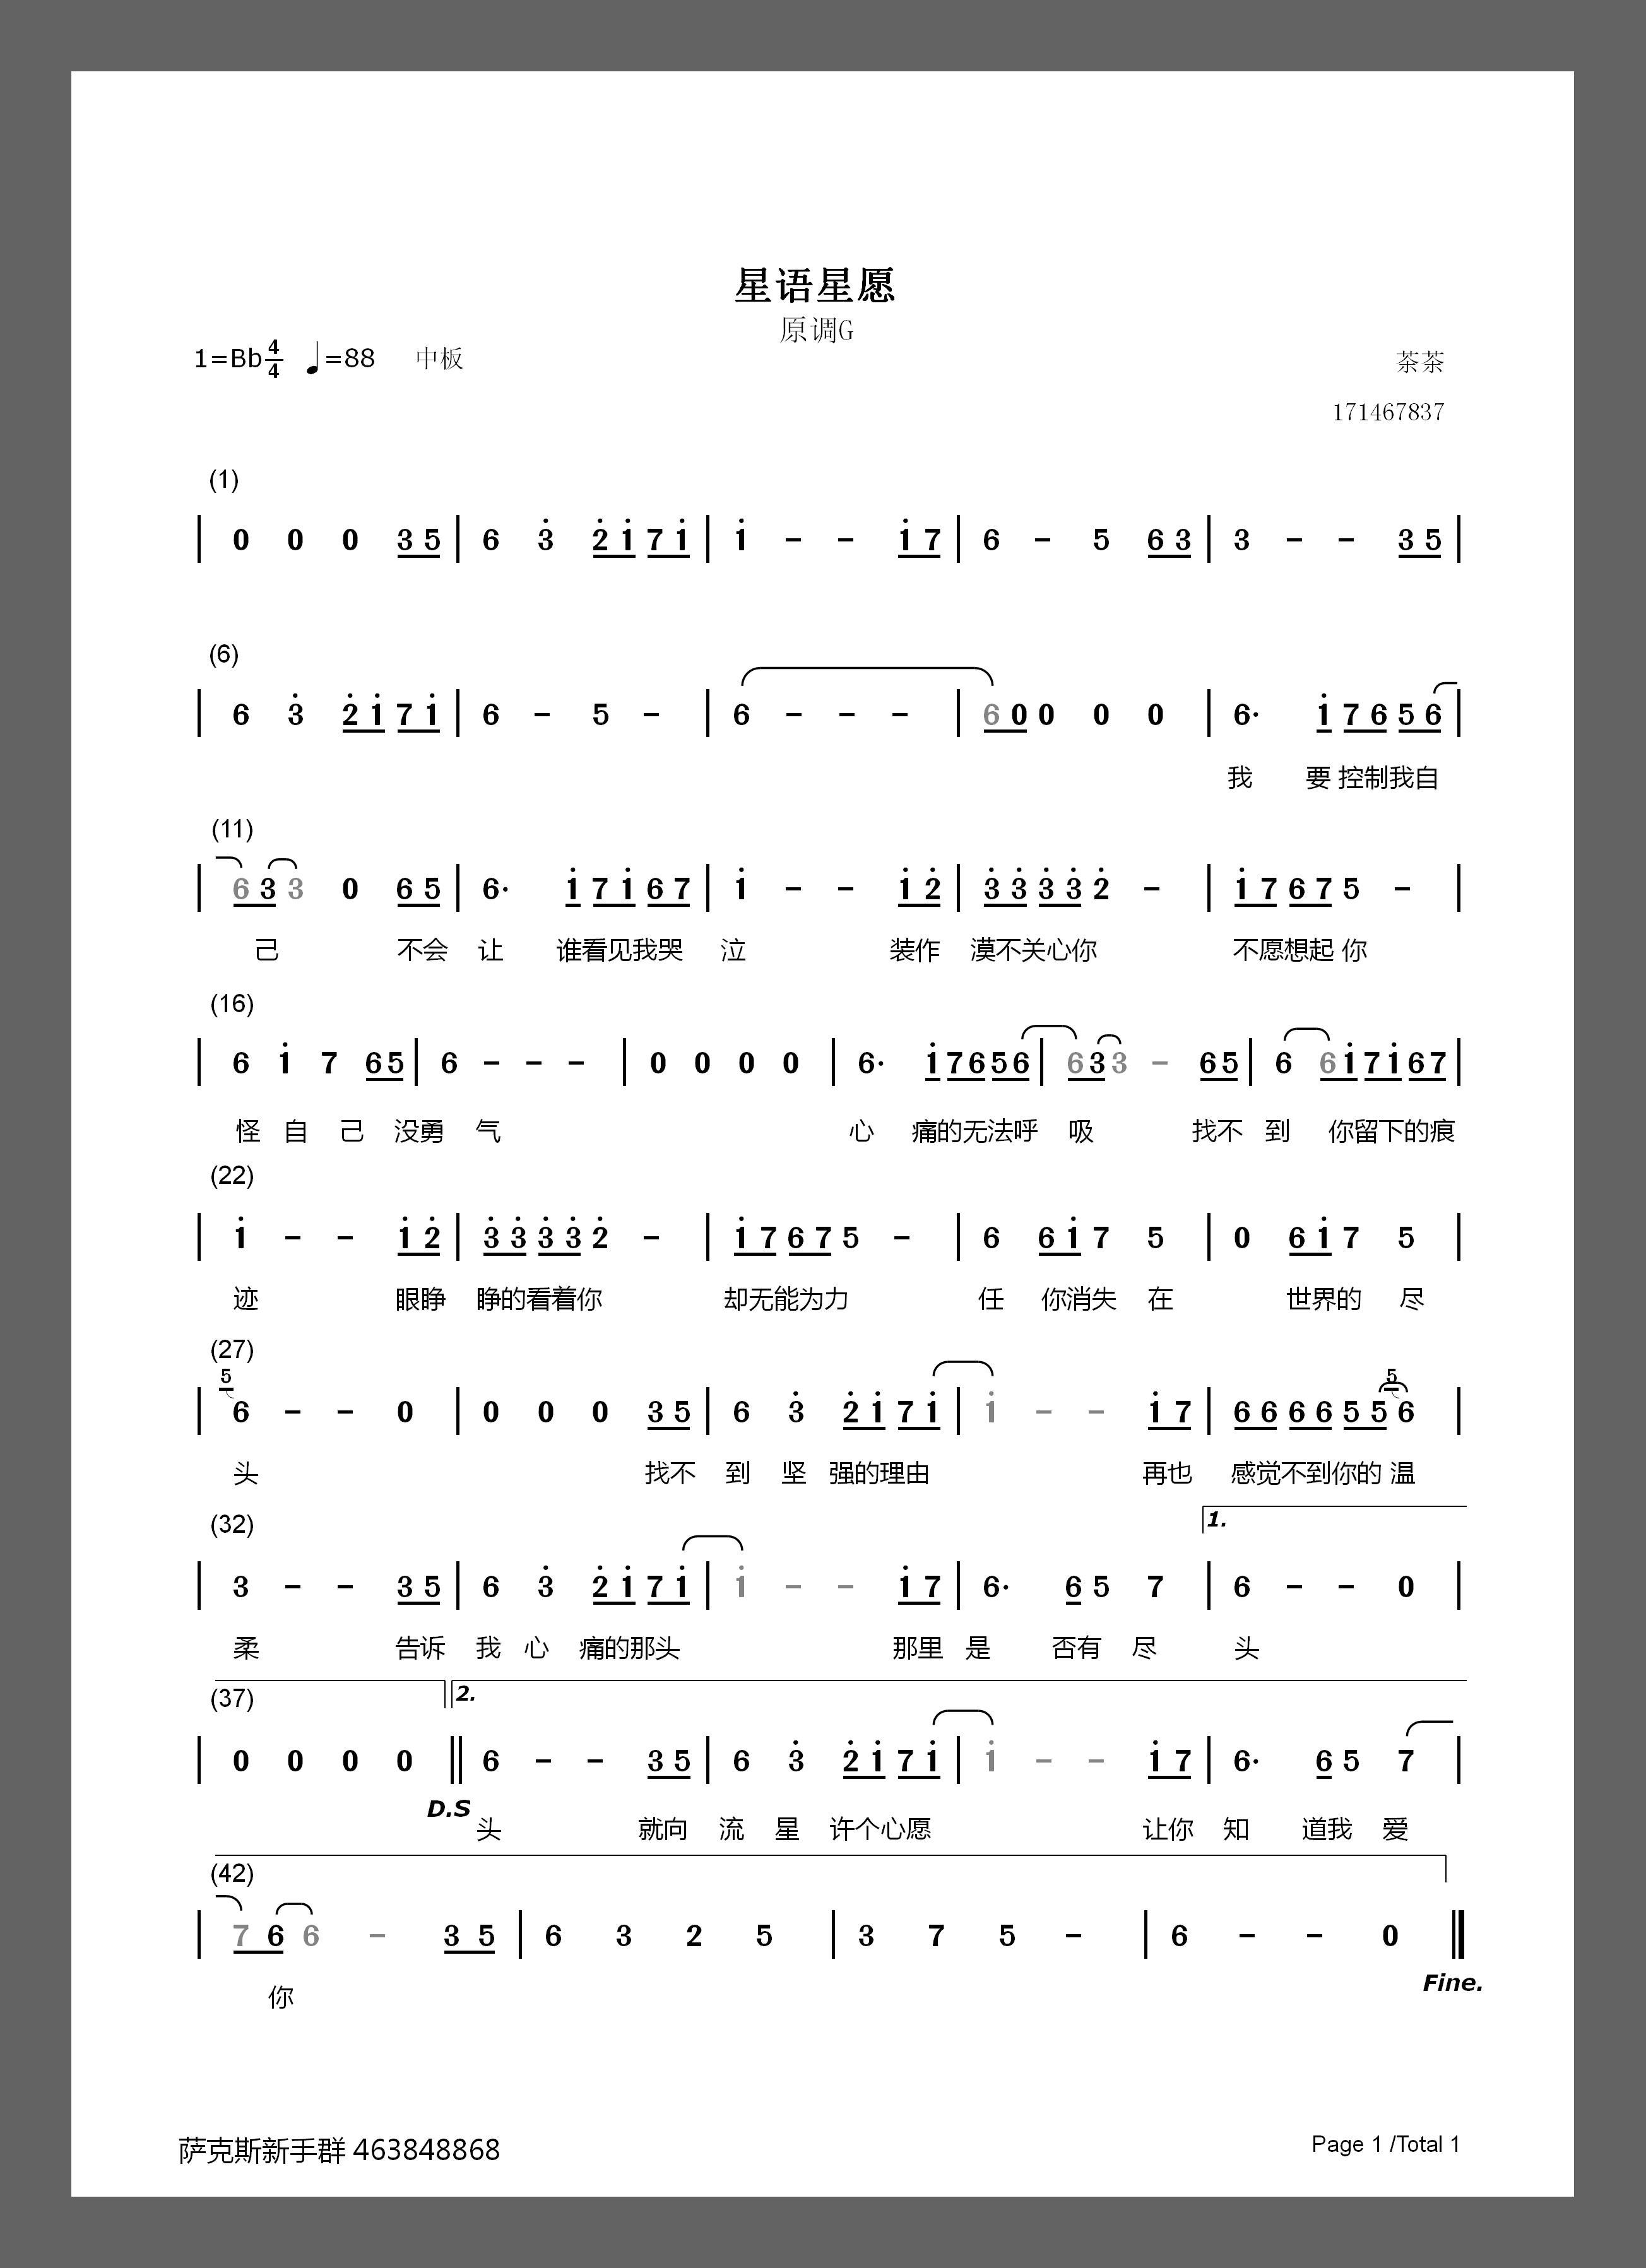 星语星愿小提琴曲谱_星语星愿小提琴曲谱分享展示